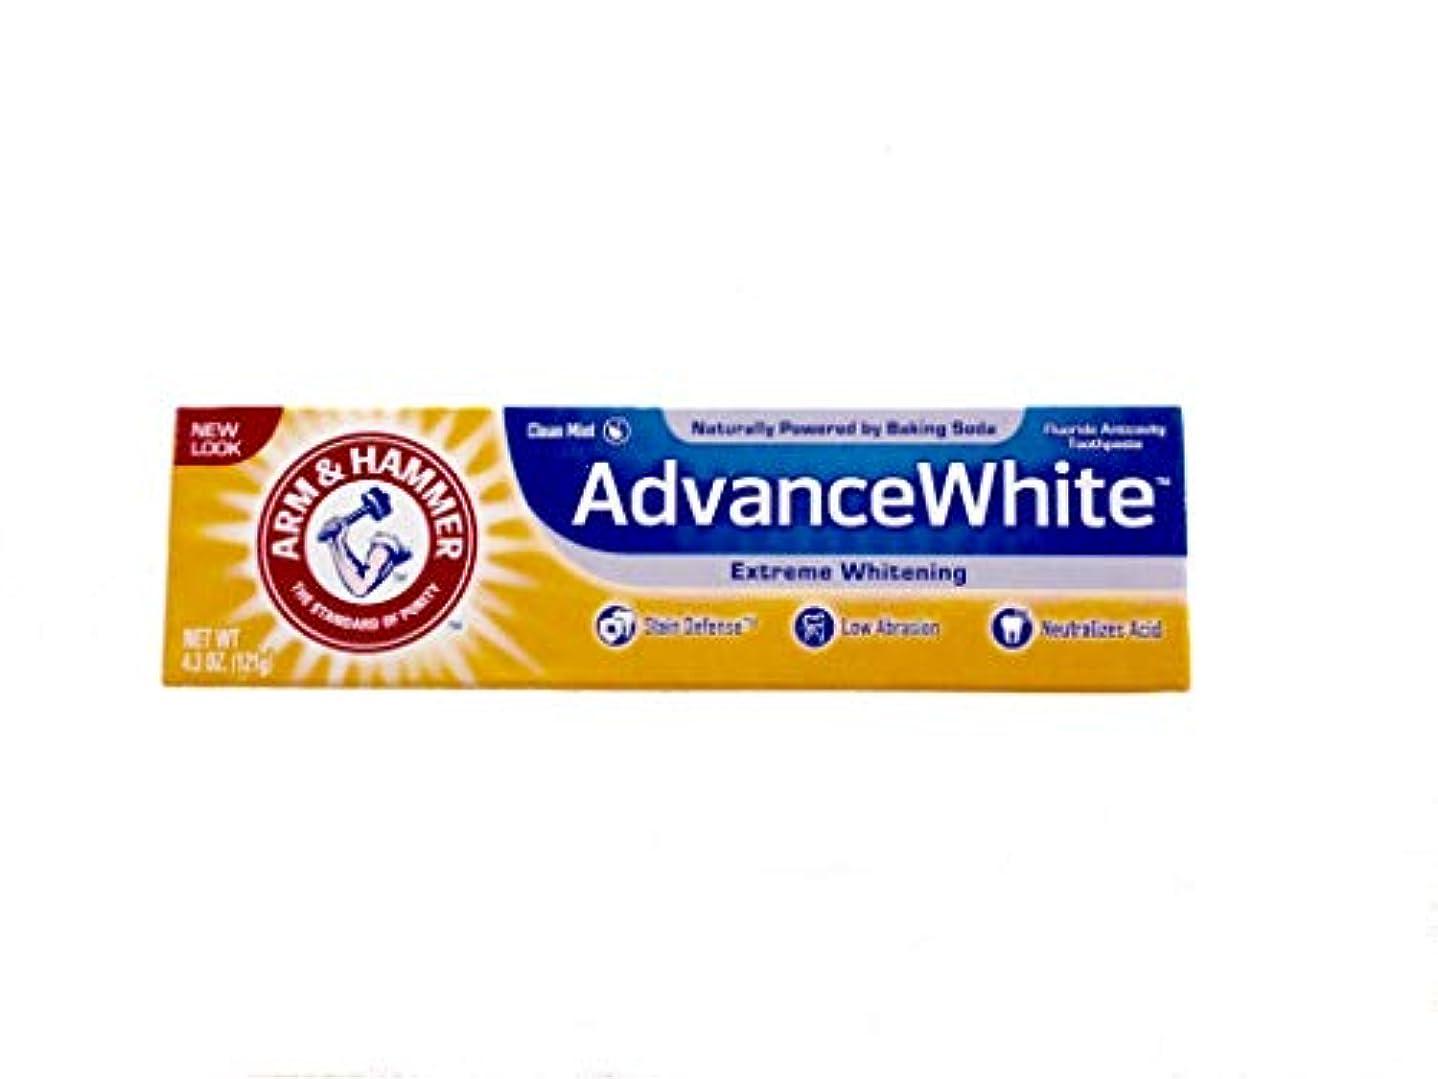 倍増式廃棄するArm & Hammer Advance White Fluoride Anti-Cavity Toothpaste with Baking Soda & Peroxide - 4.3 oz by Arm & Hammer...